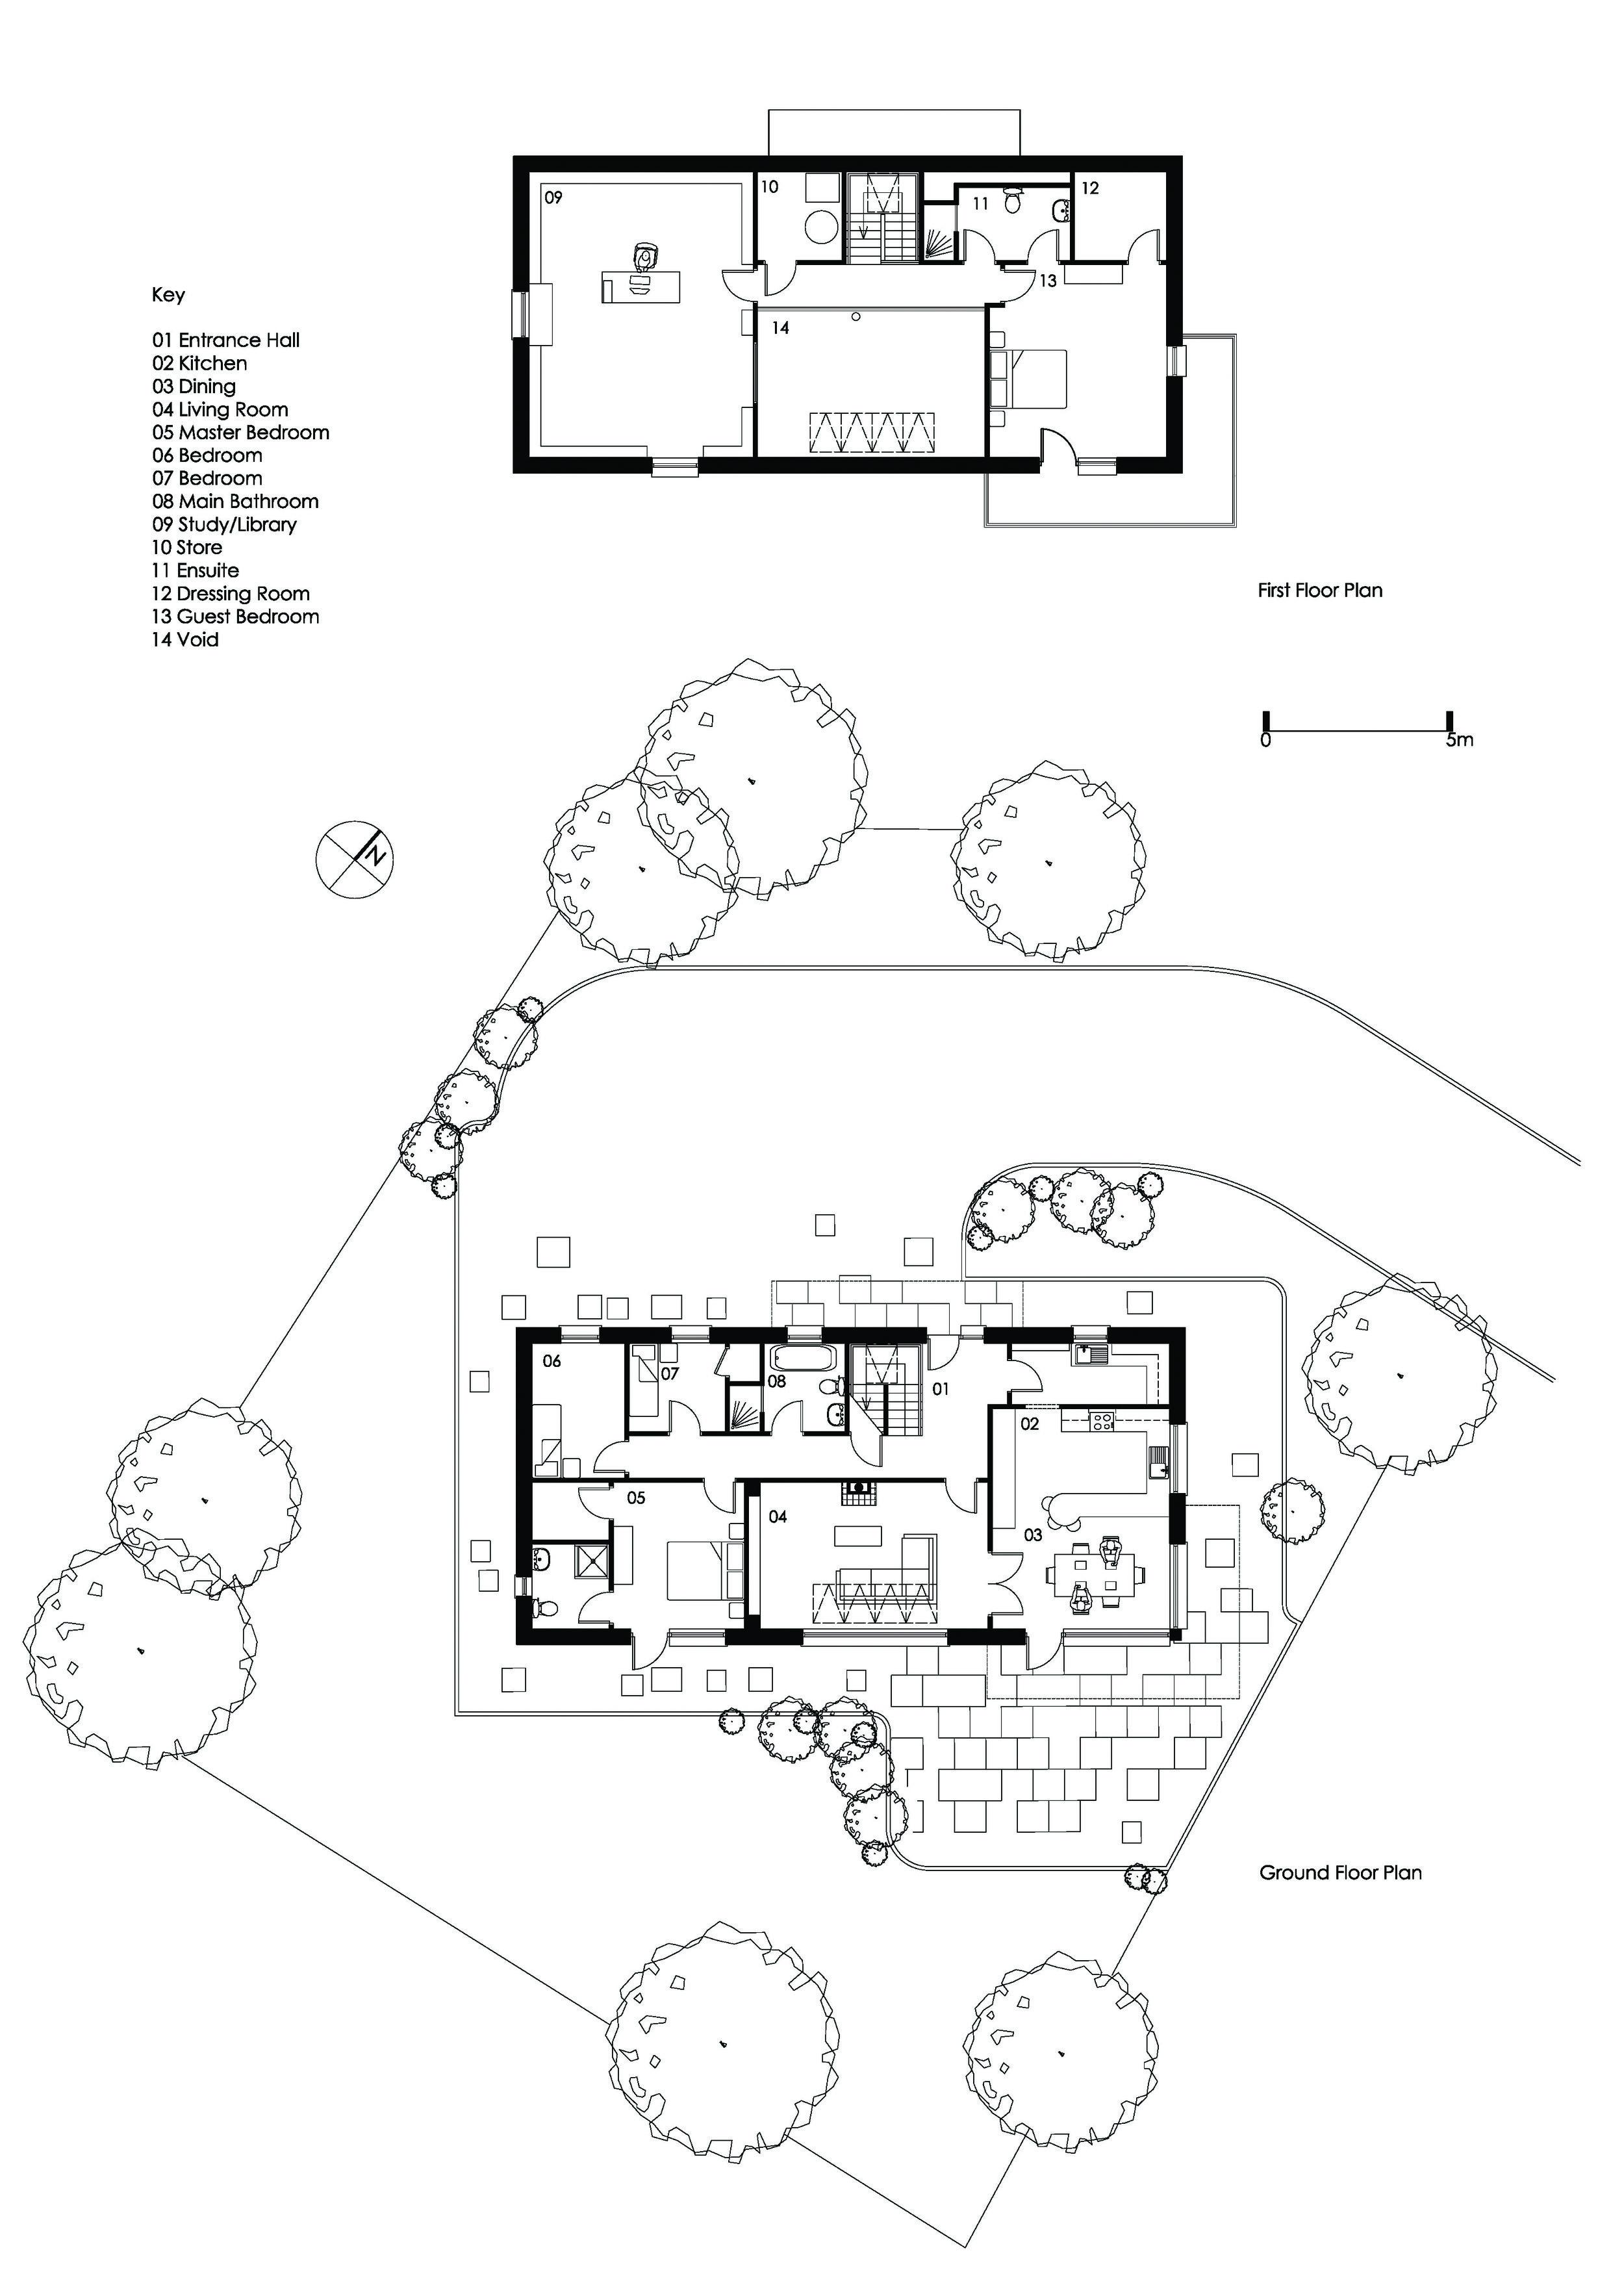 Floor Plans Crawfordsburn House